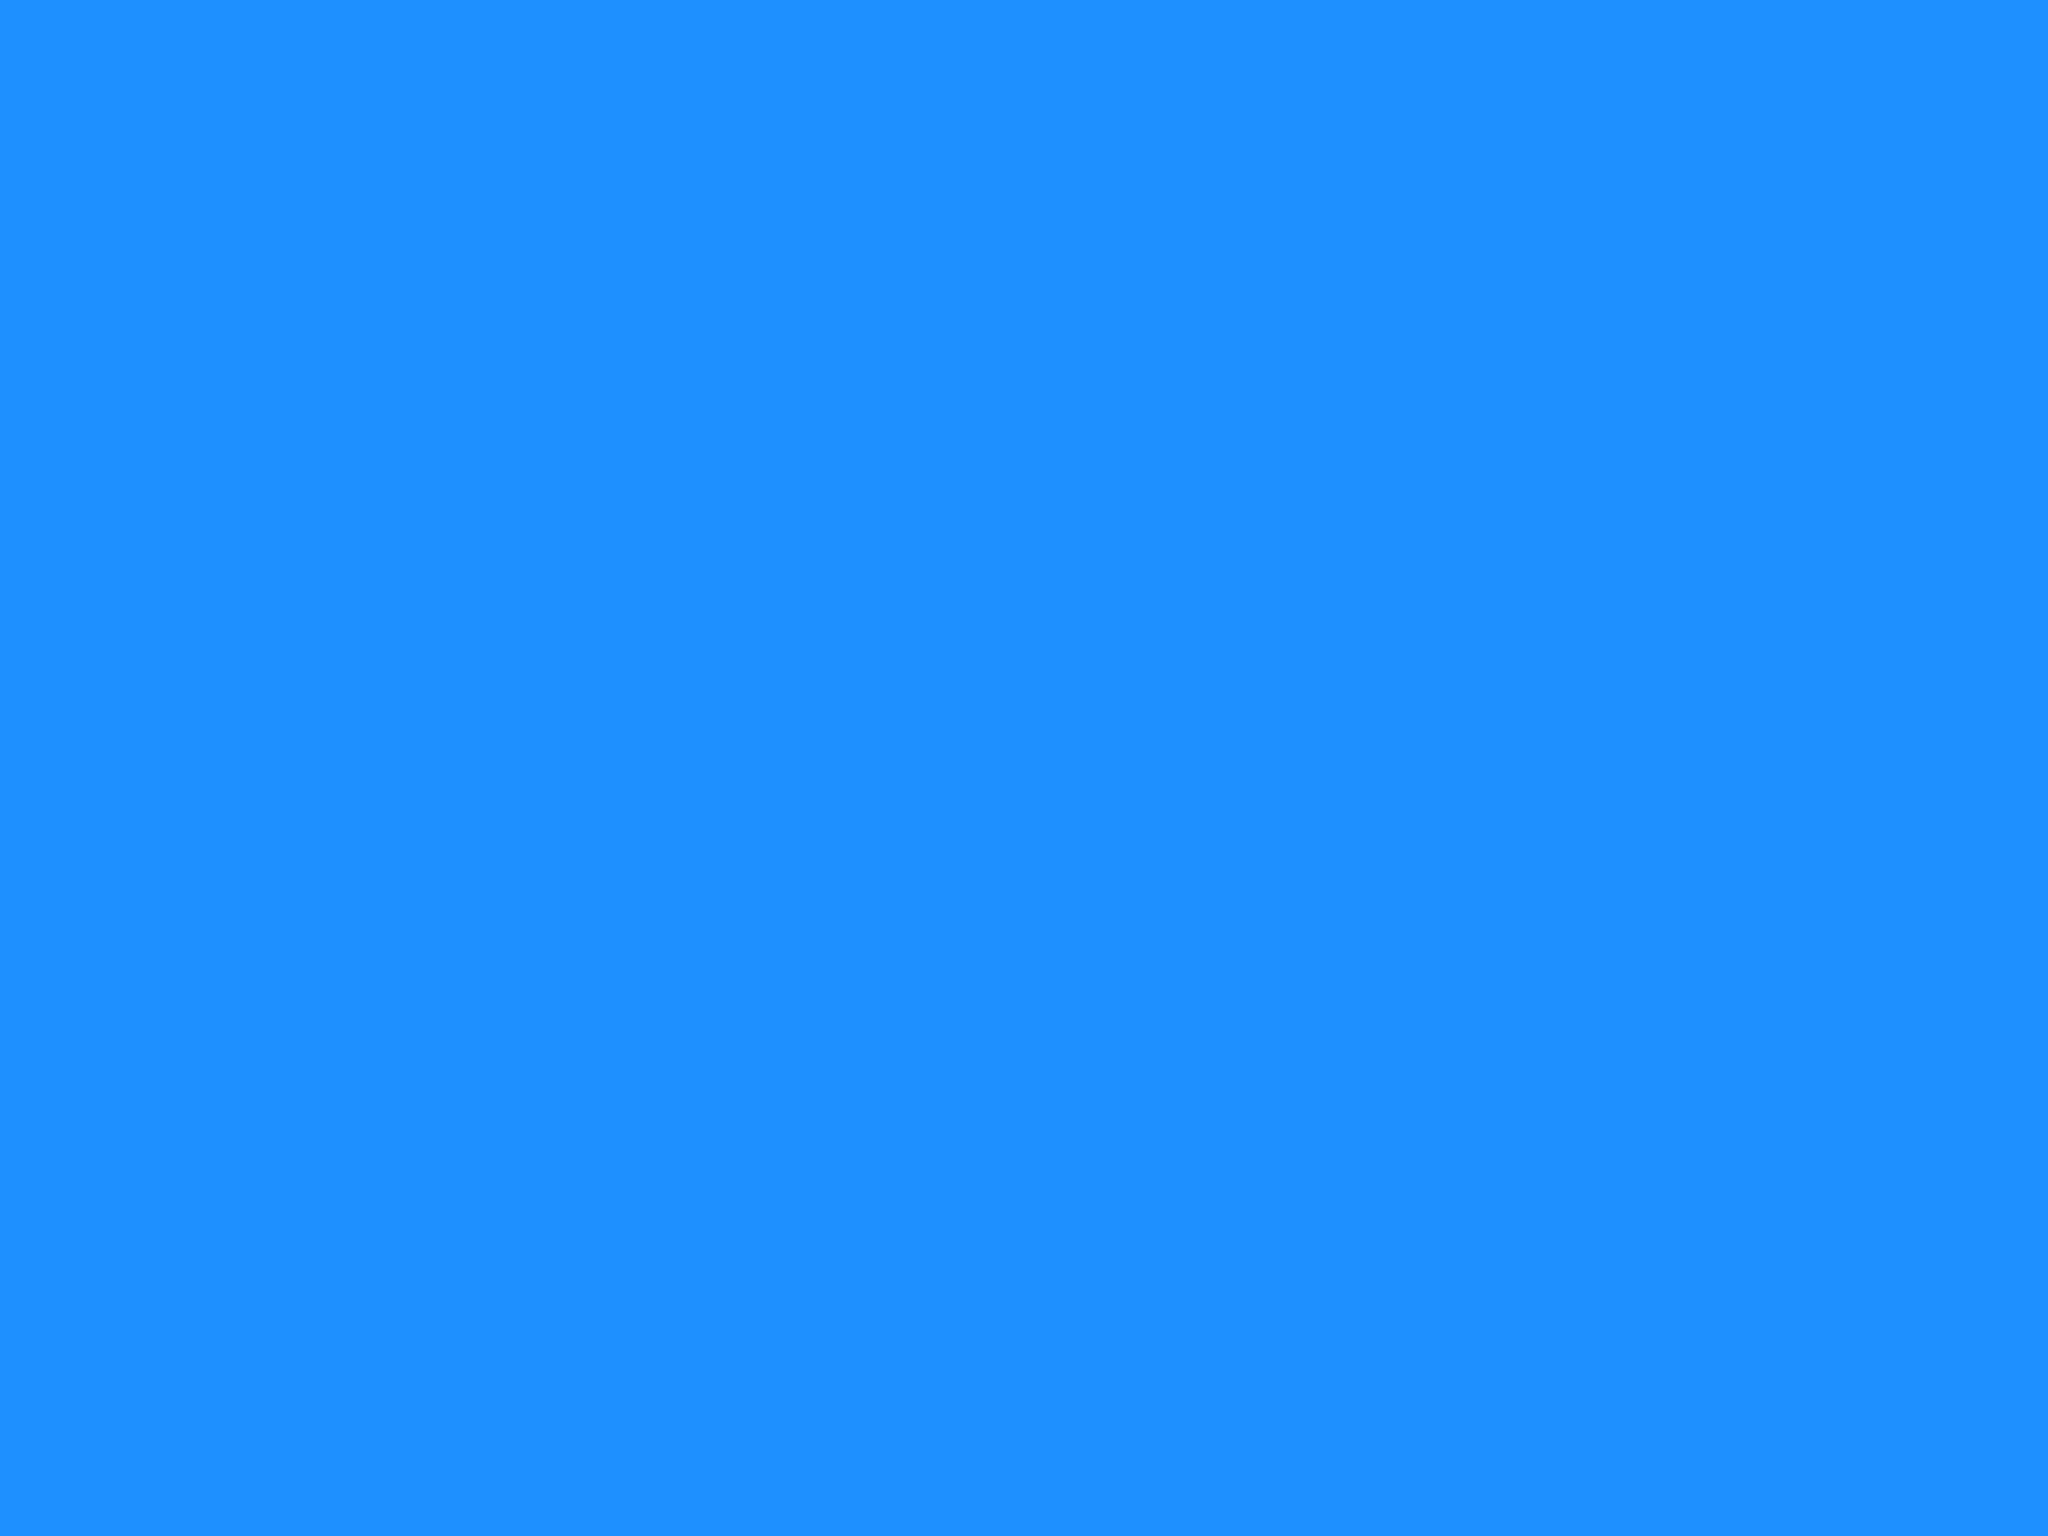 2048x1536 Dodger Blue Solid Color Background